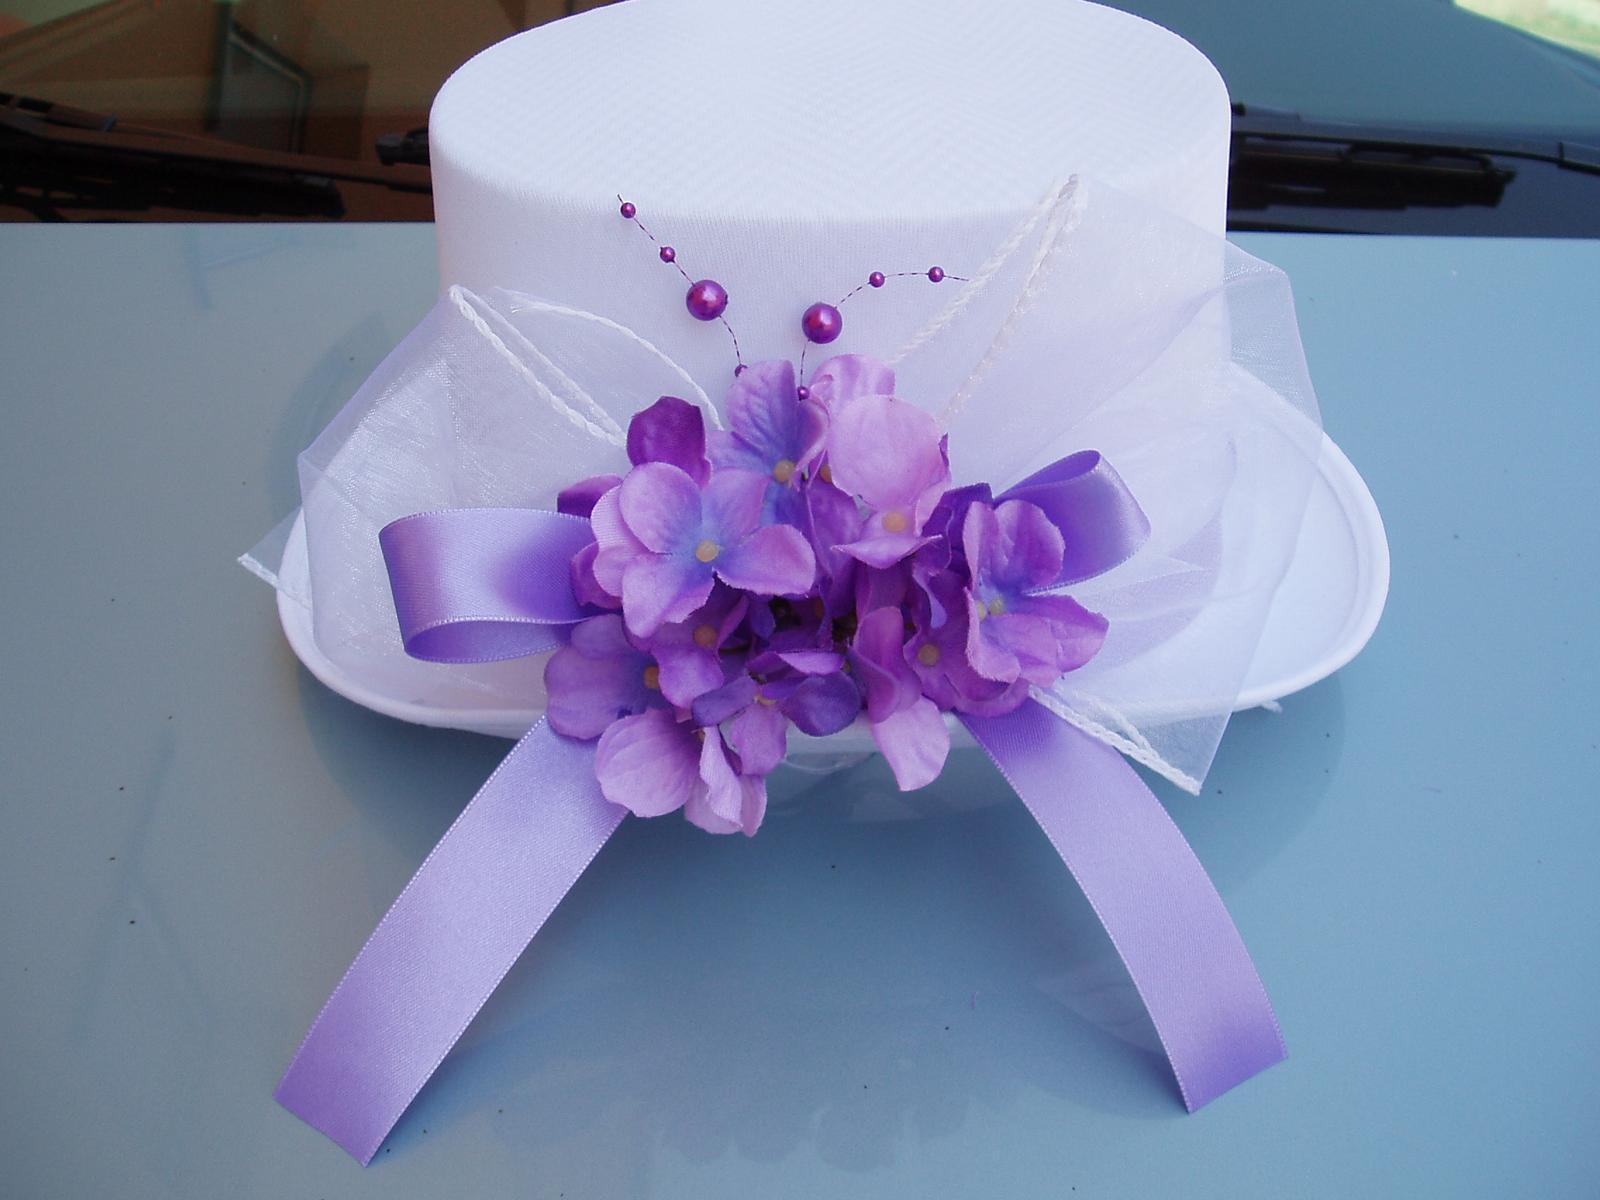 bílý cylindr-fialová hortenzie - Obrázek č. 1